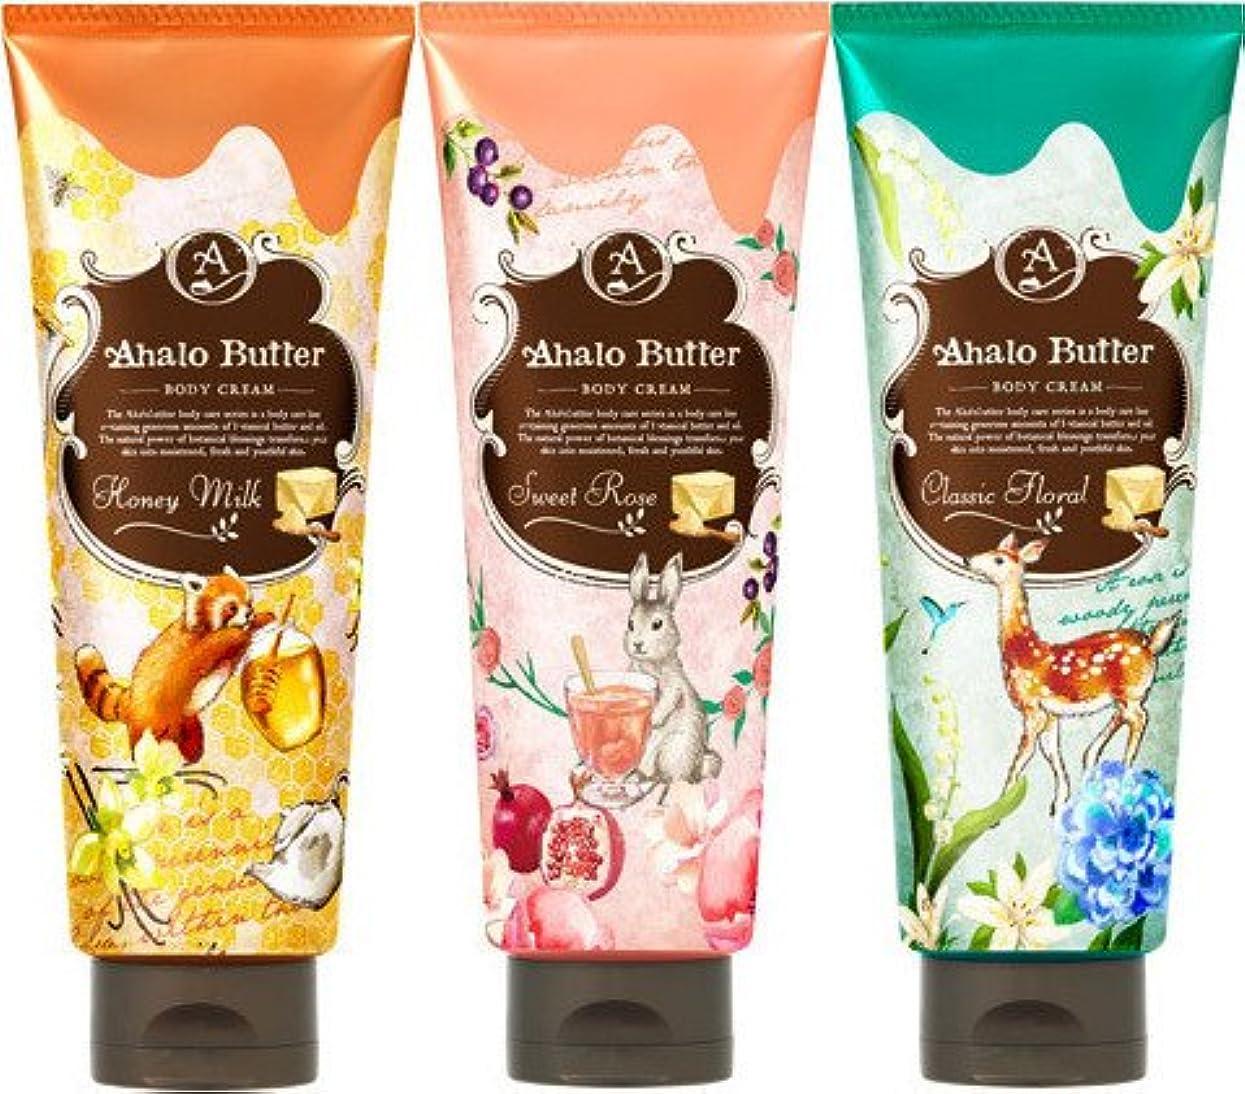 キャリア筋飢え【3種セット】Ahalo butter(アハロバター) ボディクリーム 150g